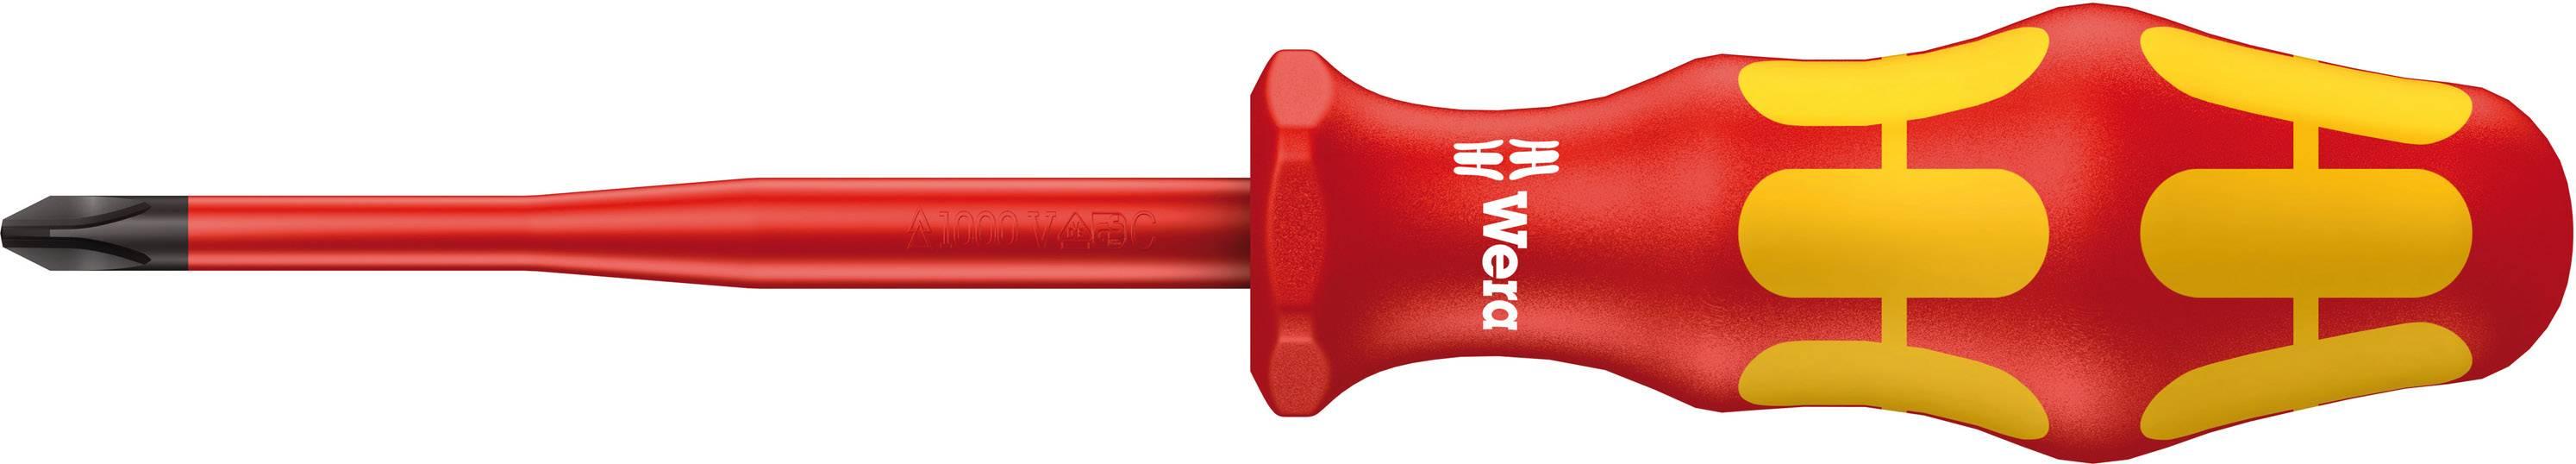 Křížový šroubovák Wera PH VDE 1 x 80 mm